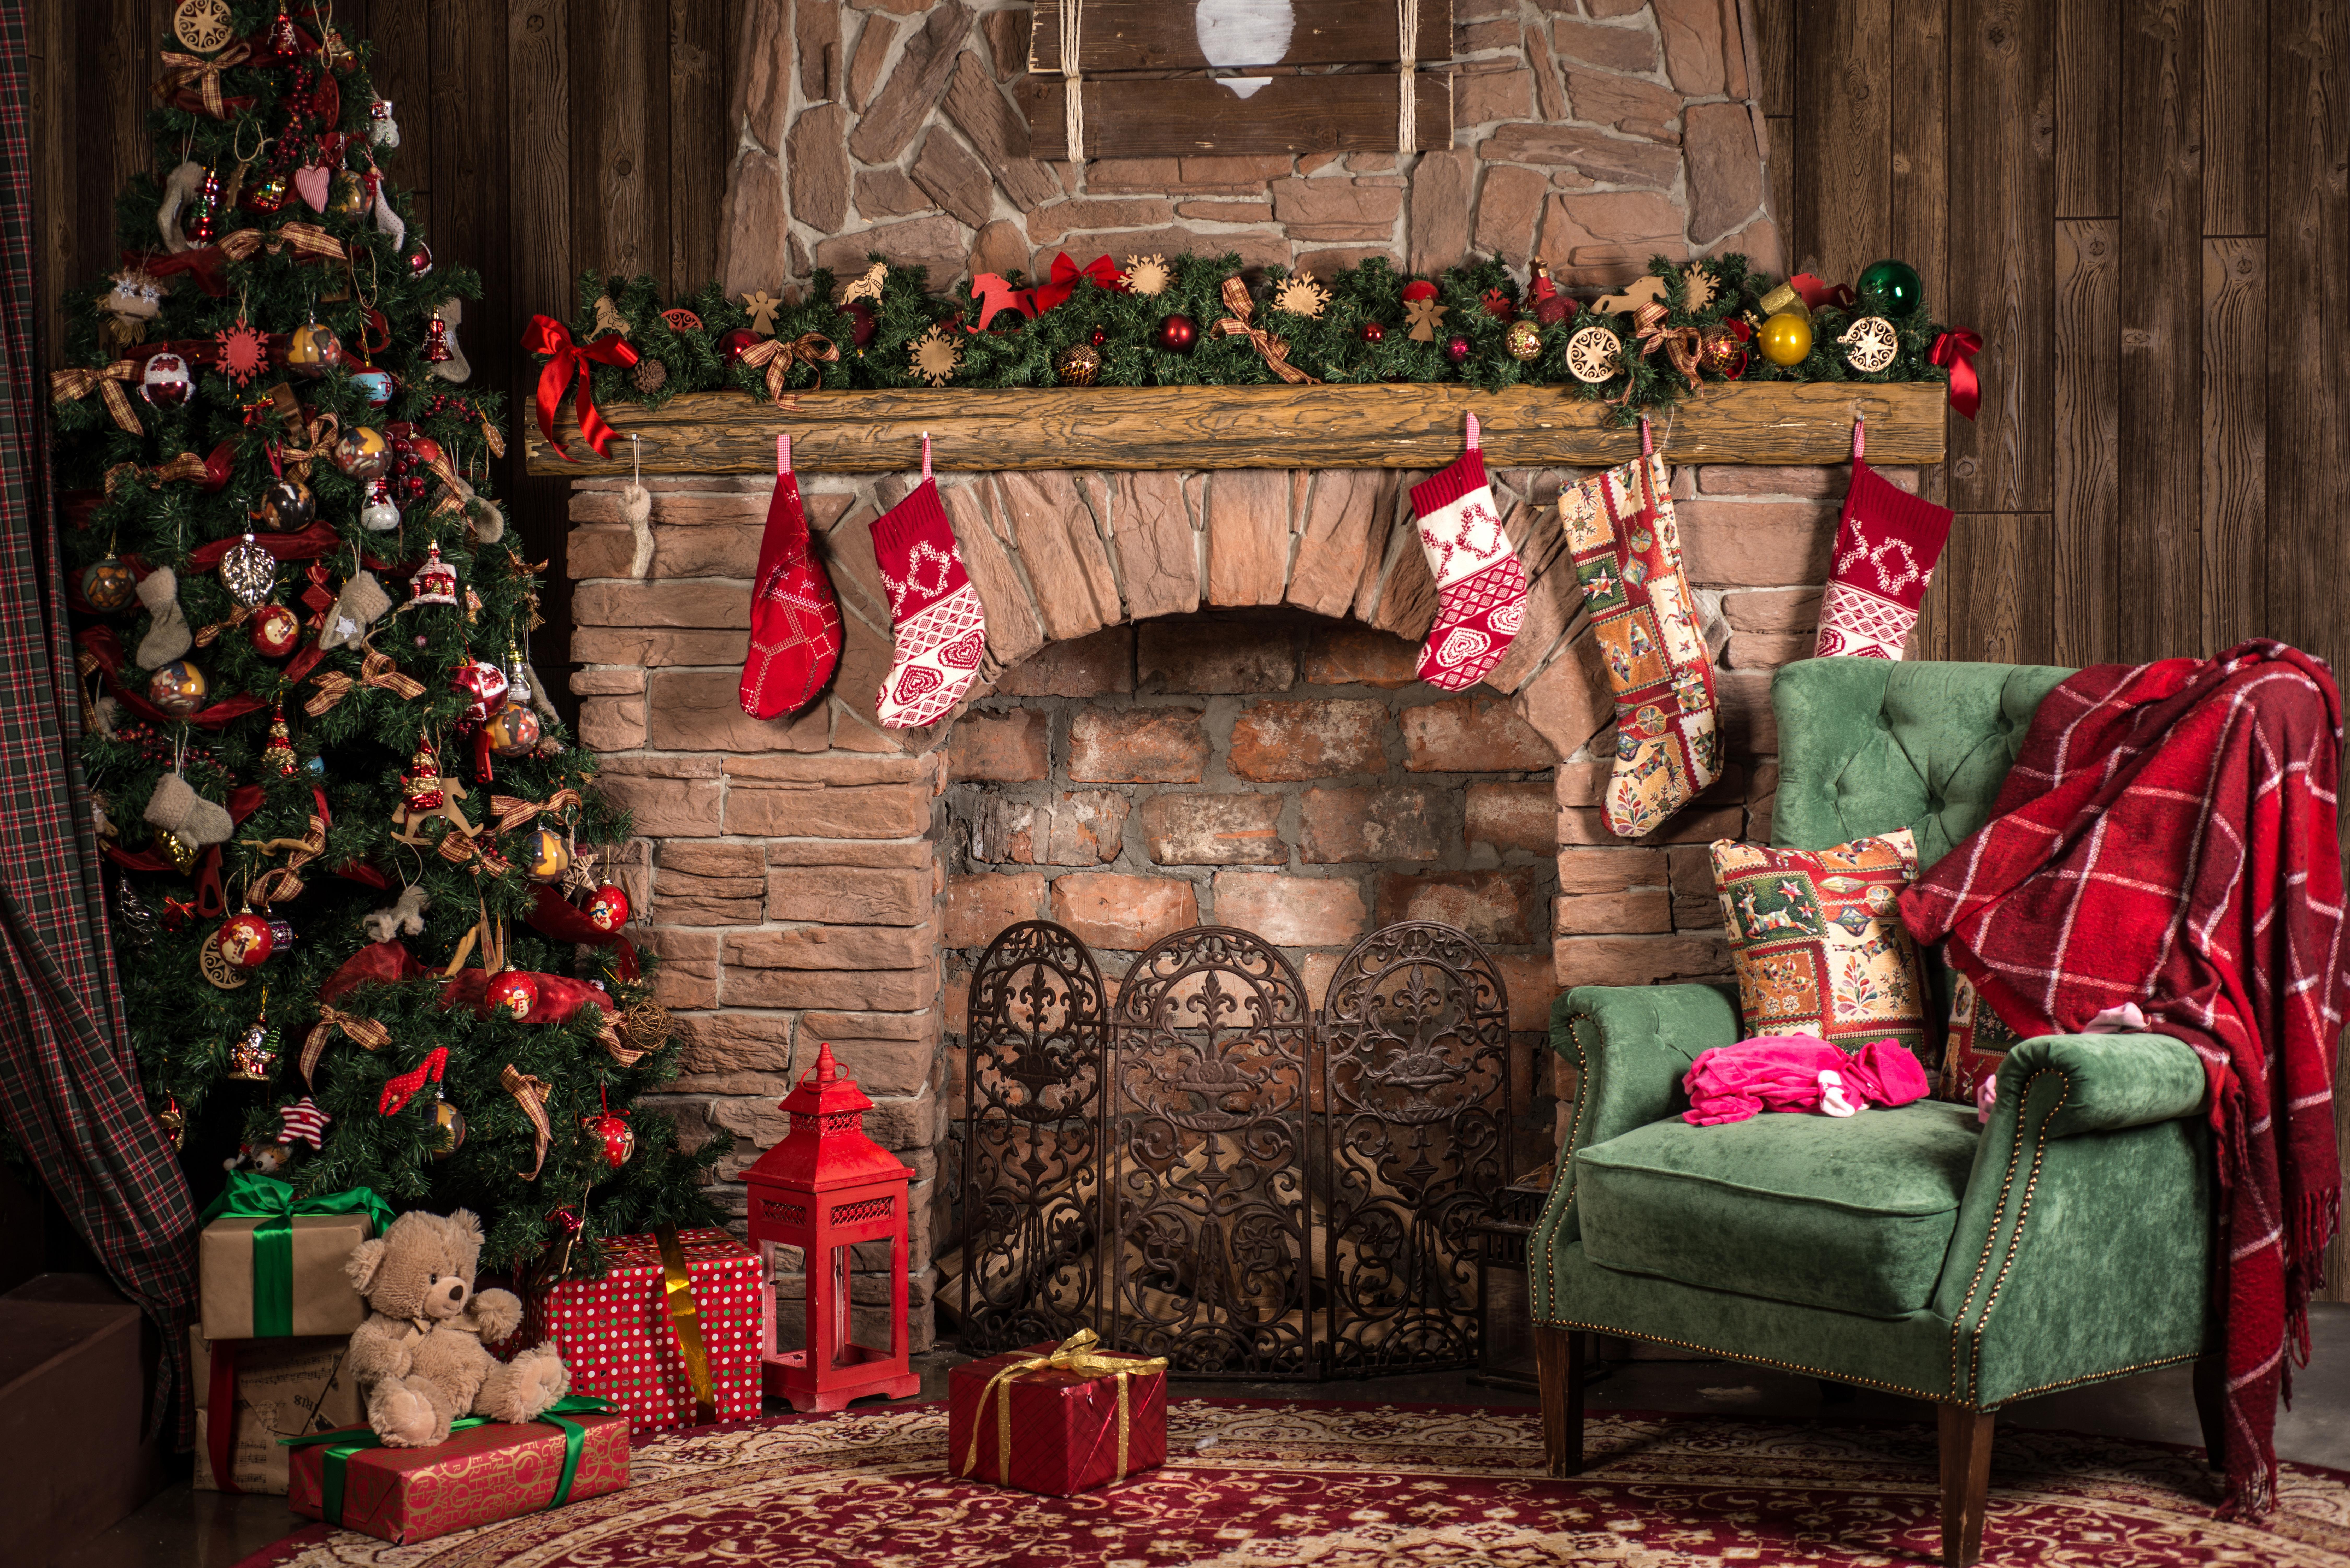 Новогодняя елка в интерьере, новый год, новогодняя ёлка